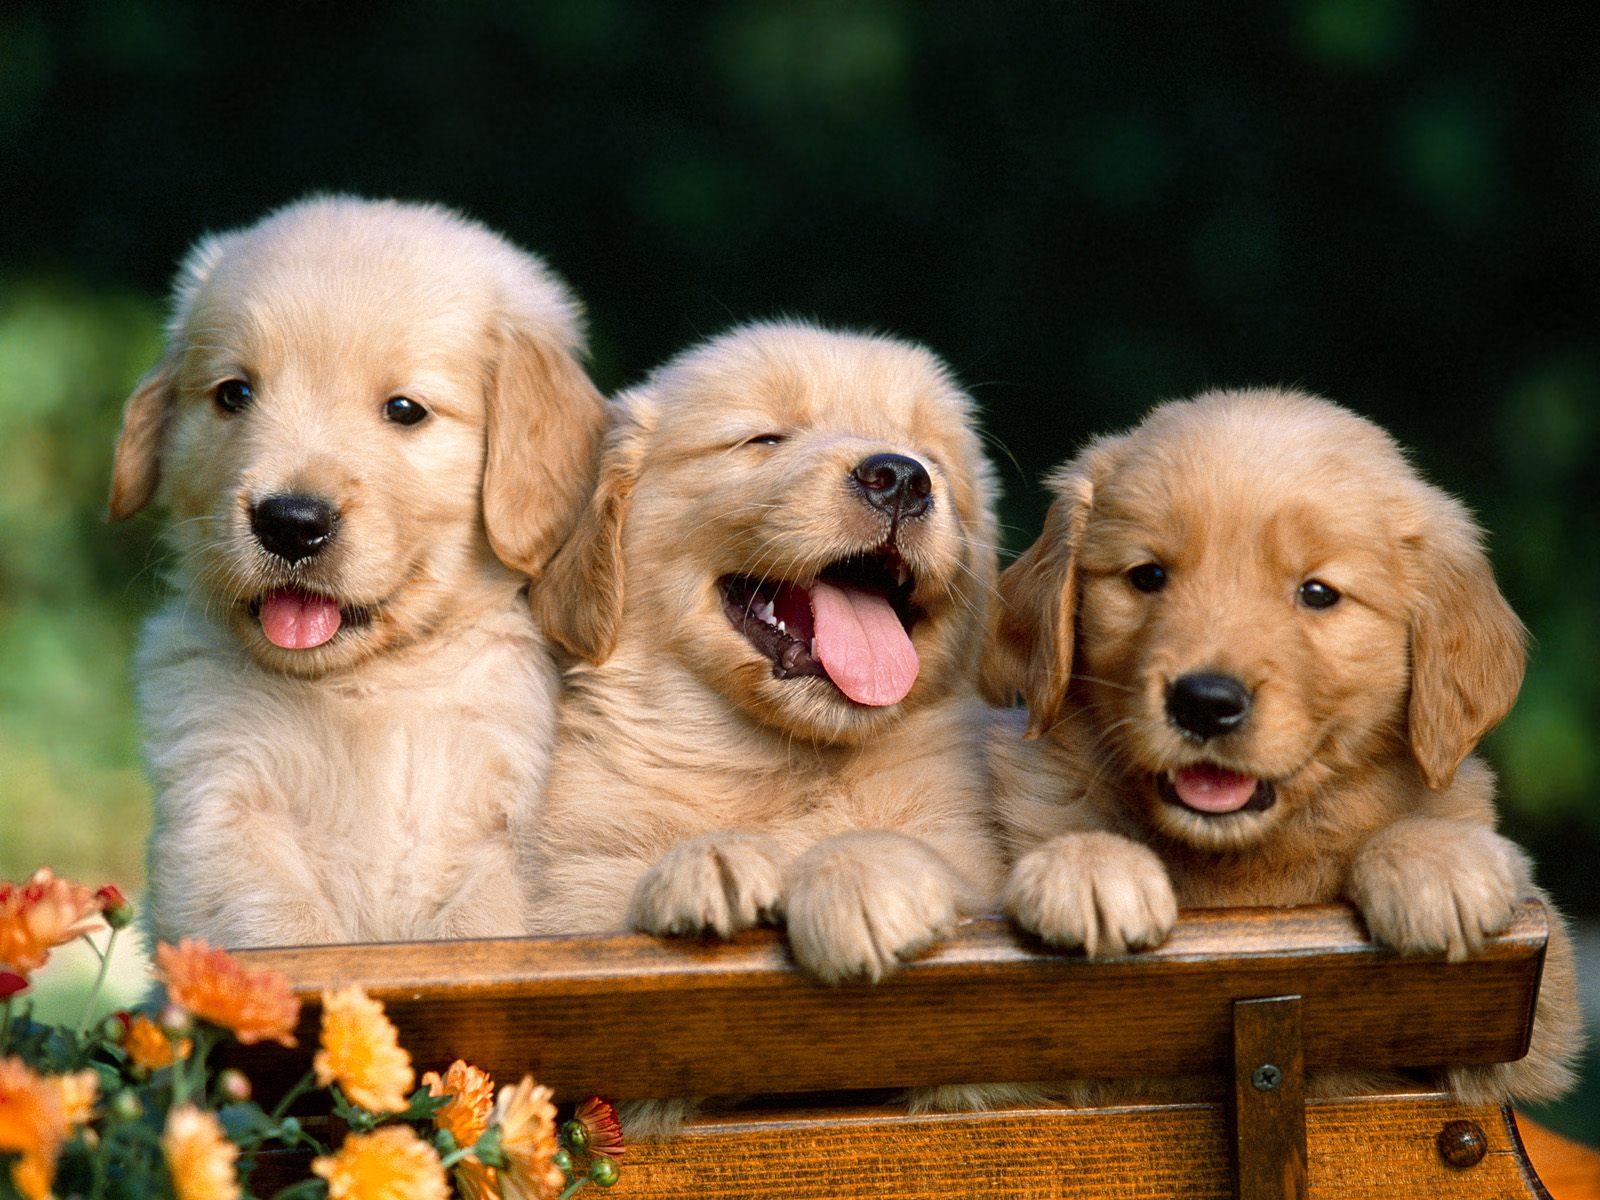 http://4.bp.blogspot.com/-JB1Fi1up7RU/TchIPvZ_X7I/AAAAAAAAADQ/iowFlHJJDFY/s1600/Golden_Retriever_Puppies.jpg